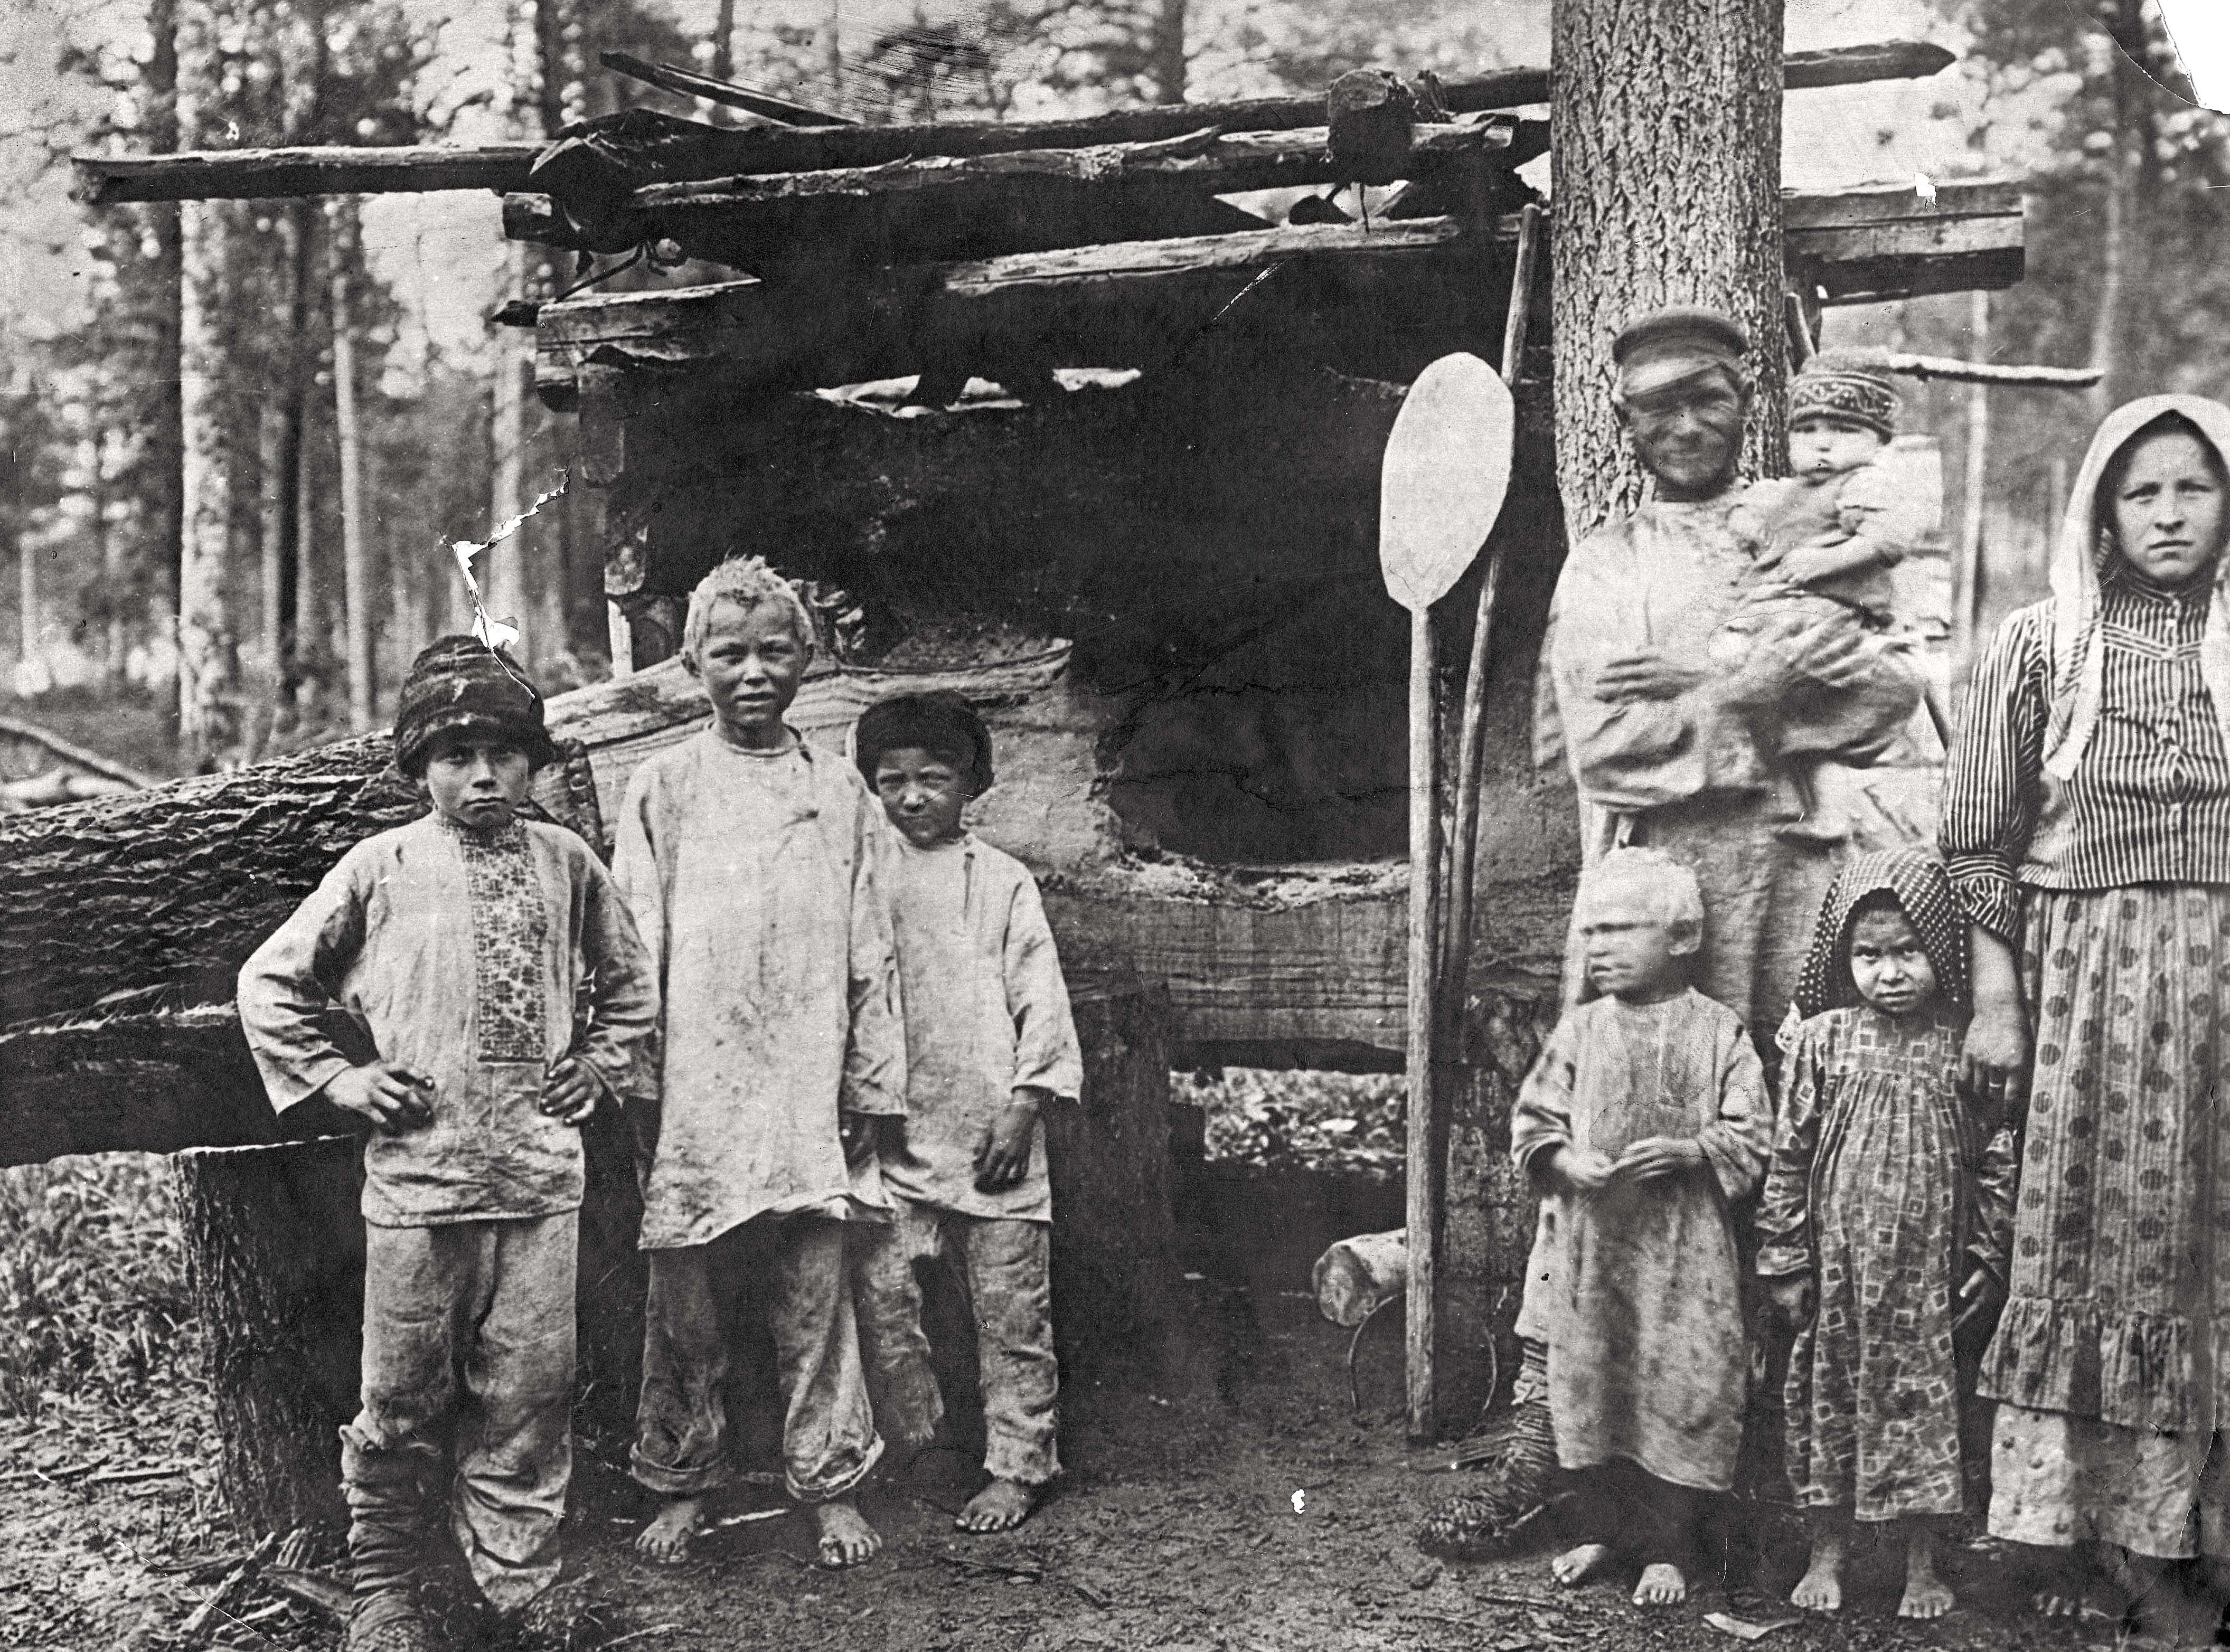 Окрестности города. Крестьяне - переселенцы у временного жилья в Минусинском уезде